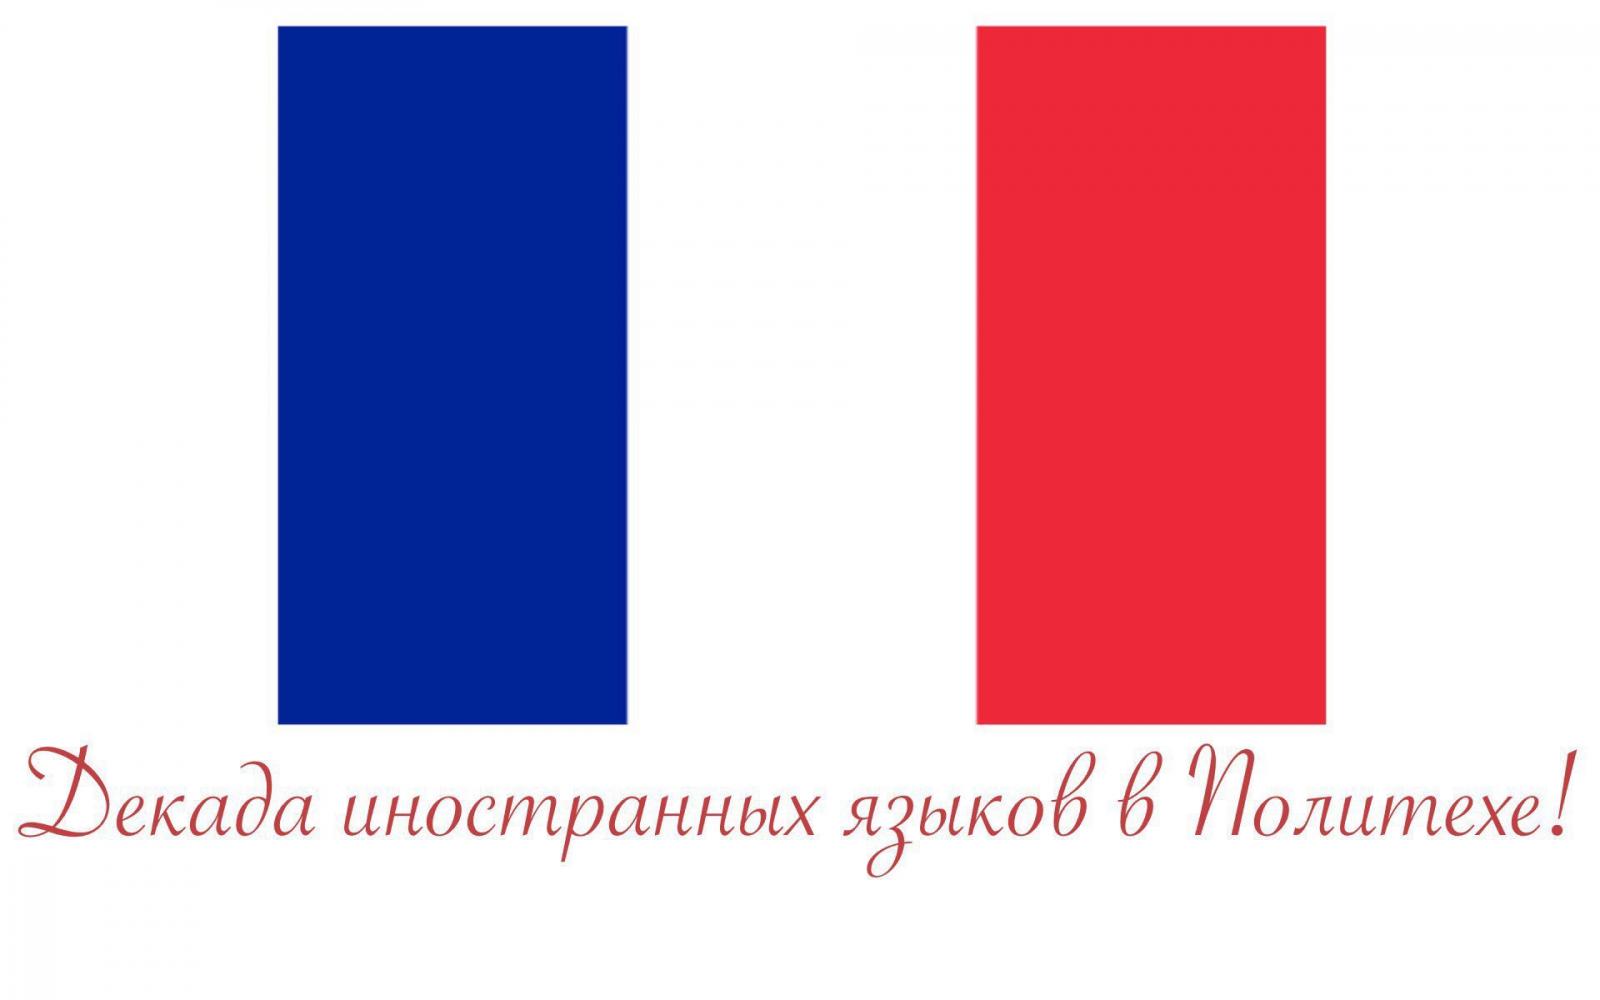 В Политехе прошёл День французского языка и культуры